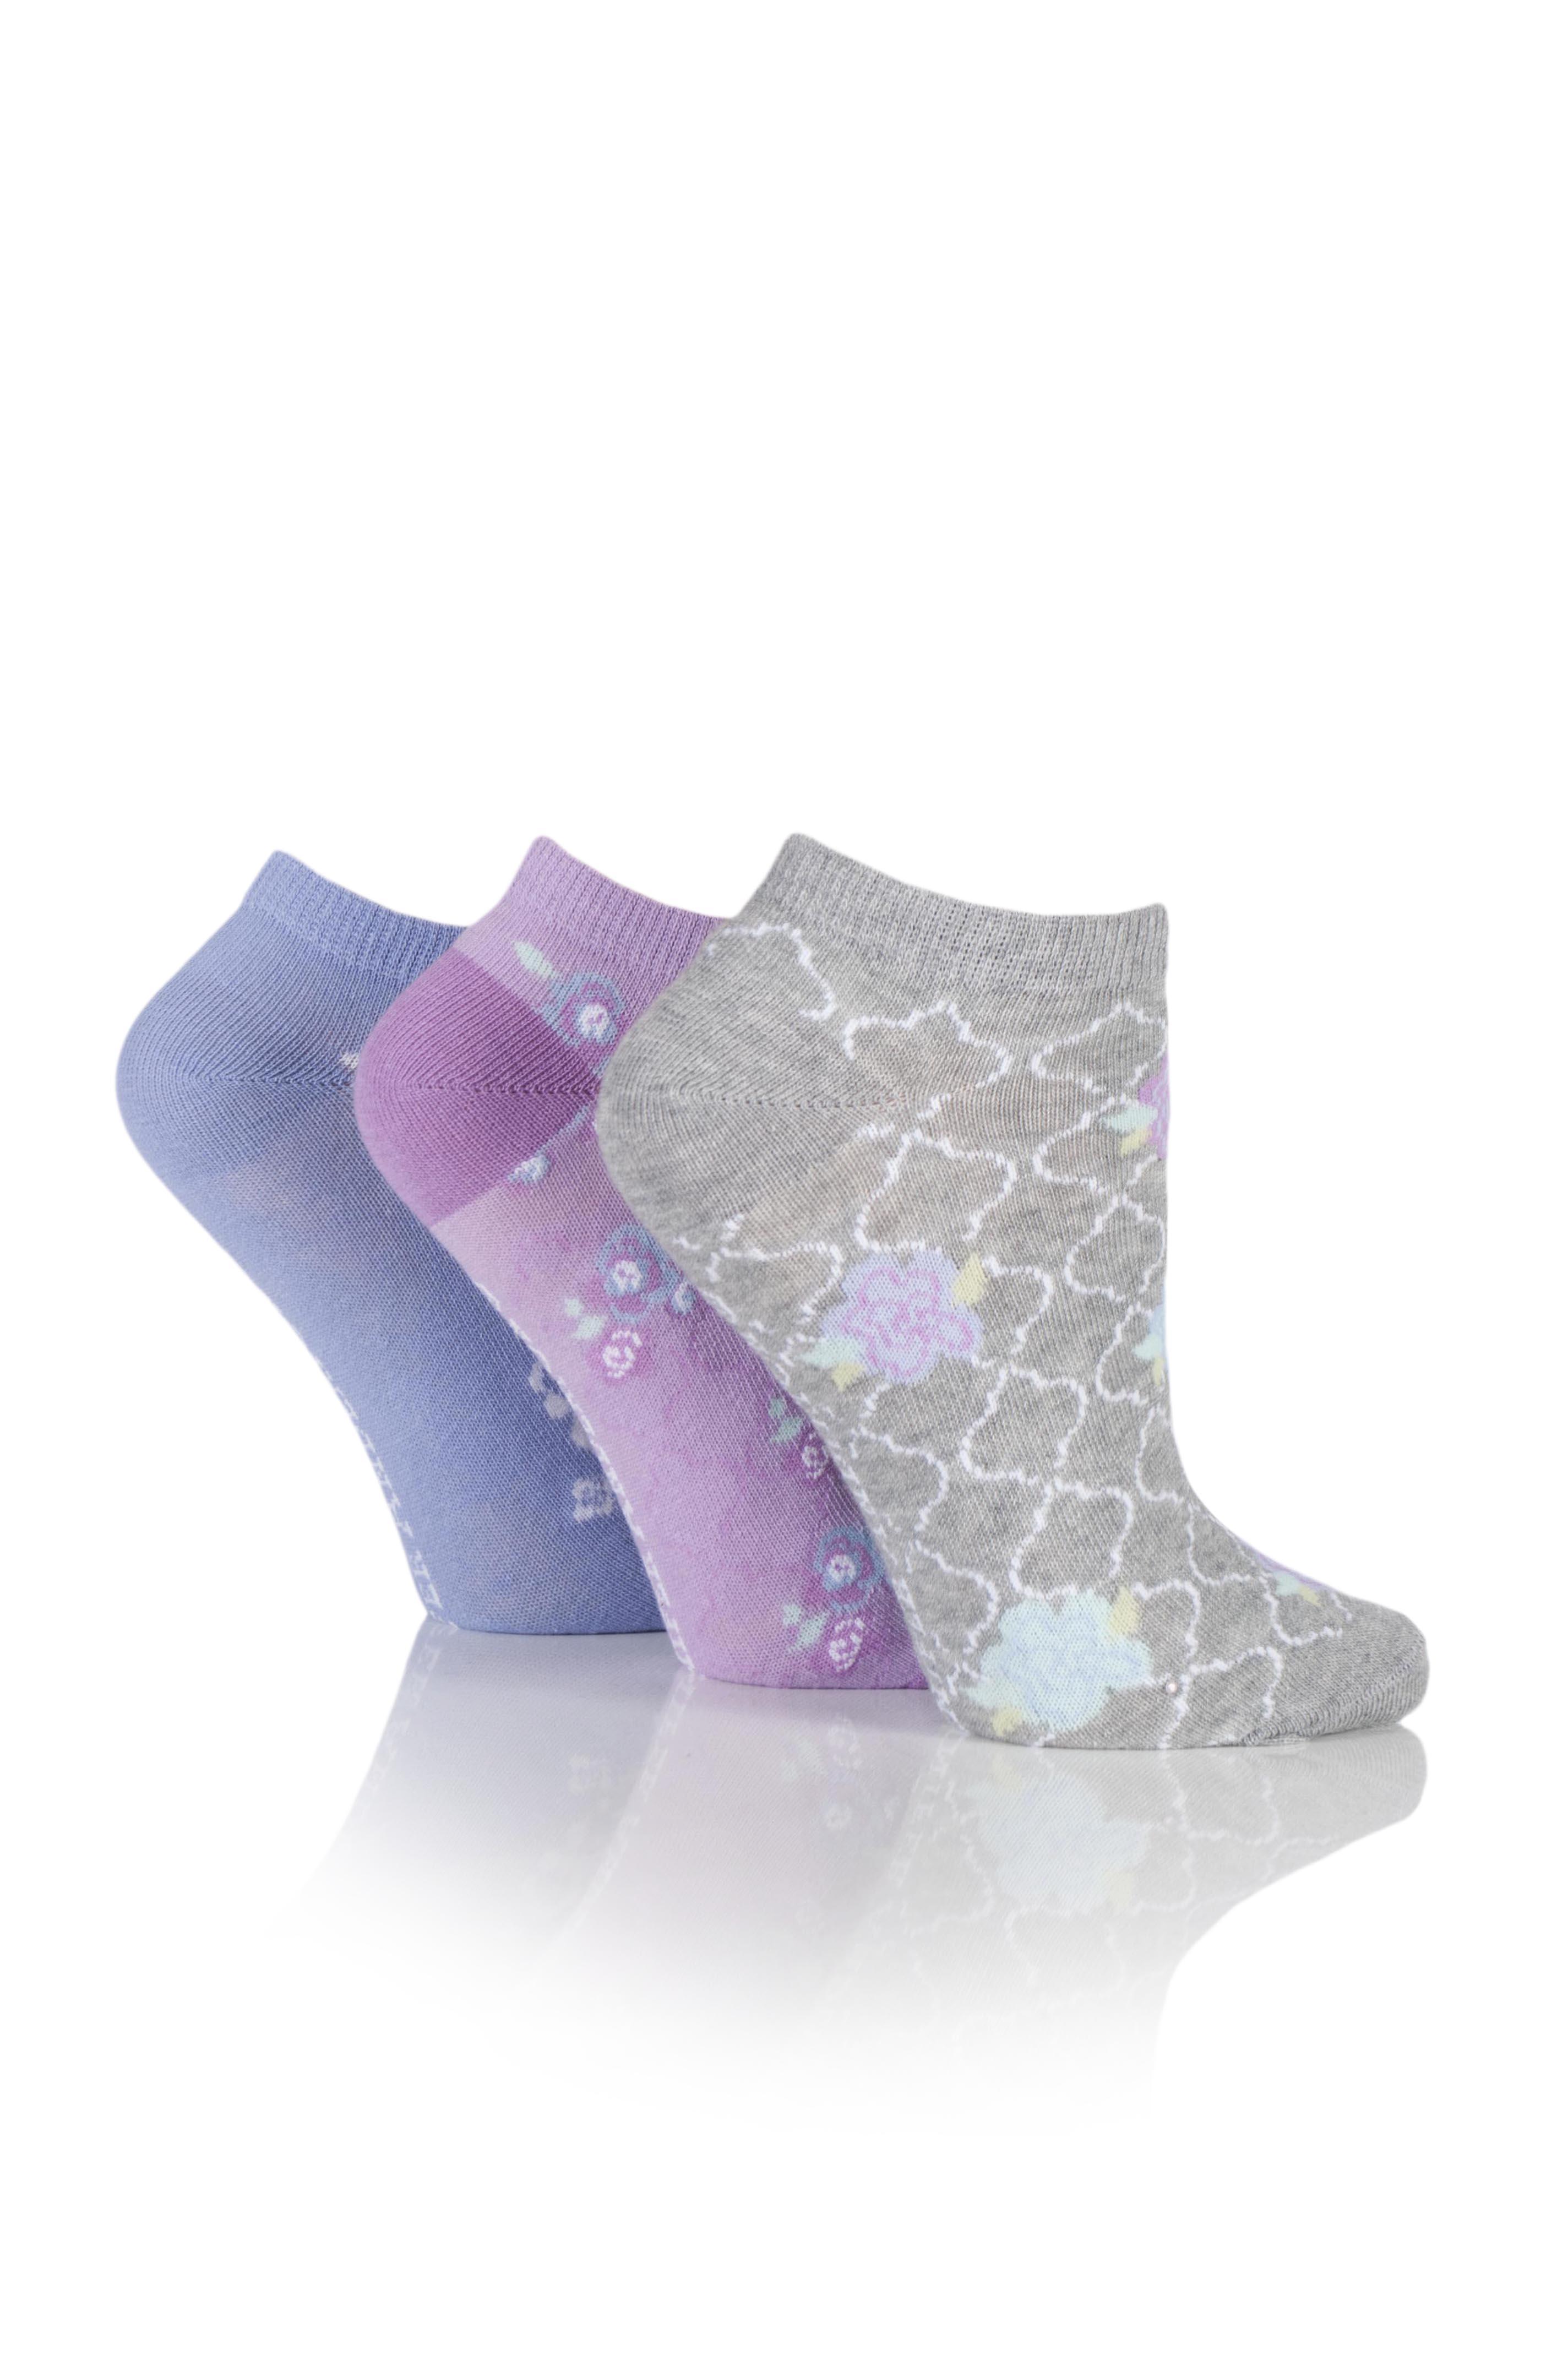 Jennifer Anderton Pack of 3 Floral Pattern Trainer Socks